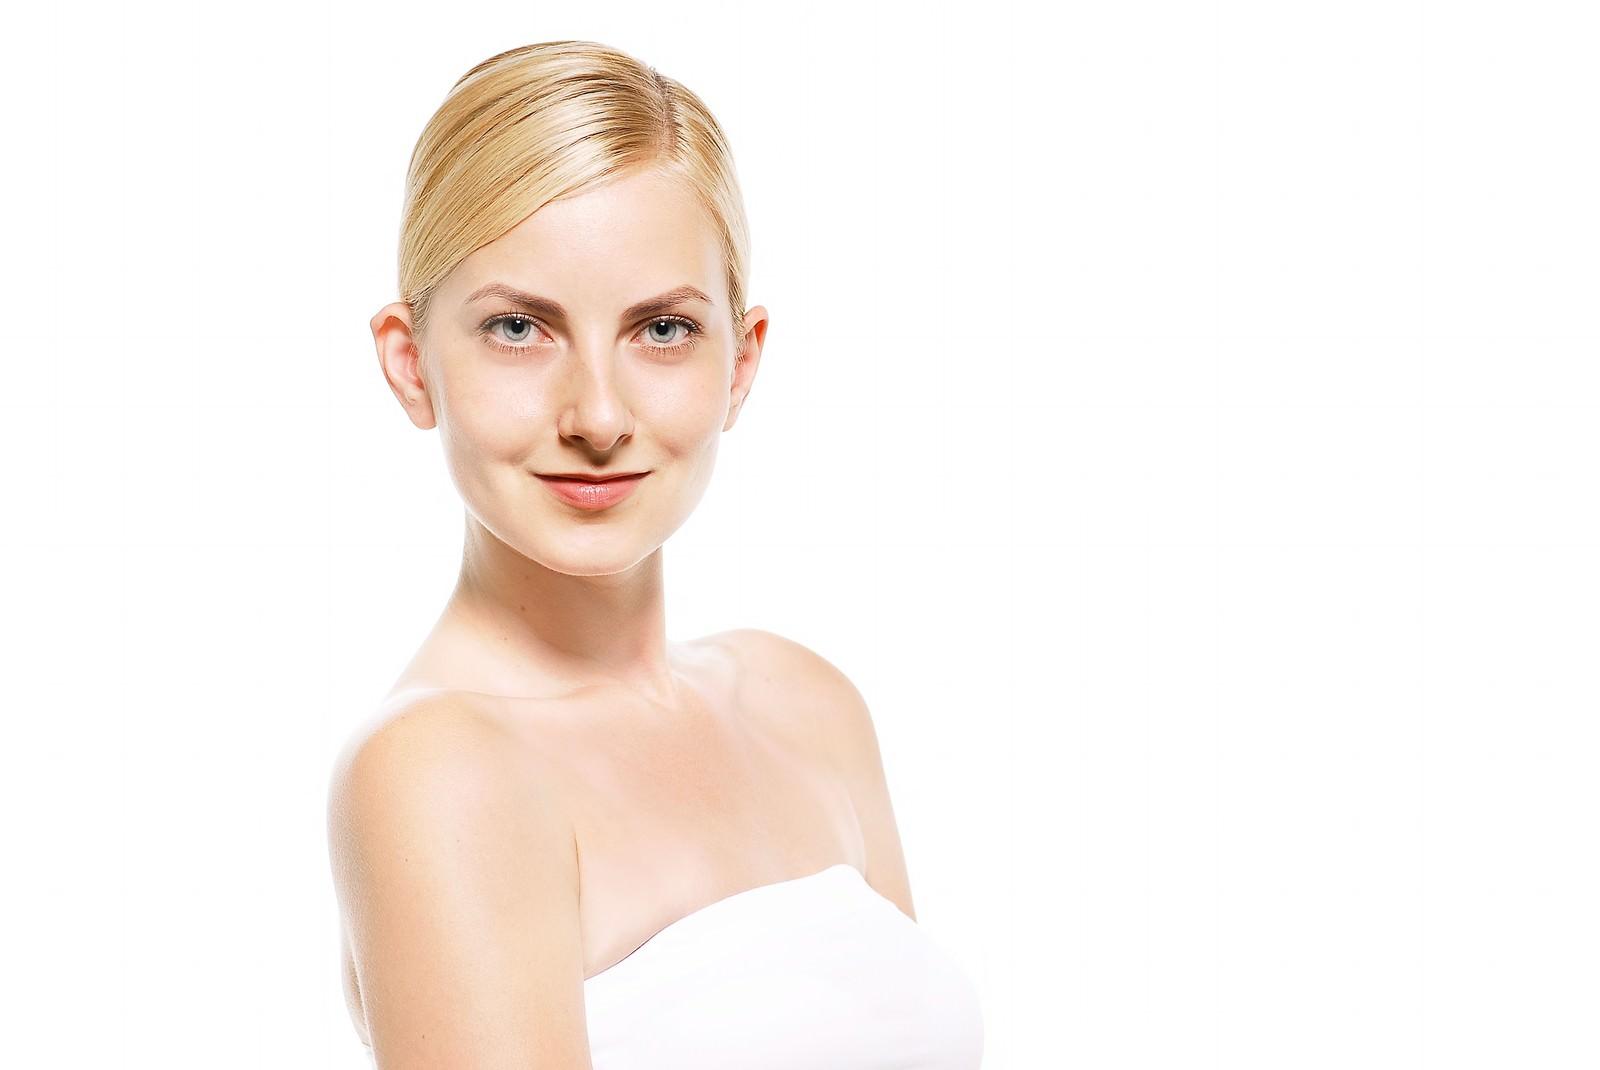 「正面を見つめる外国人の女性」の写真[モデル:モデルファクトリー]